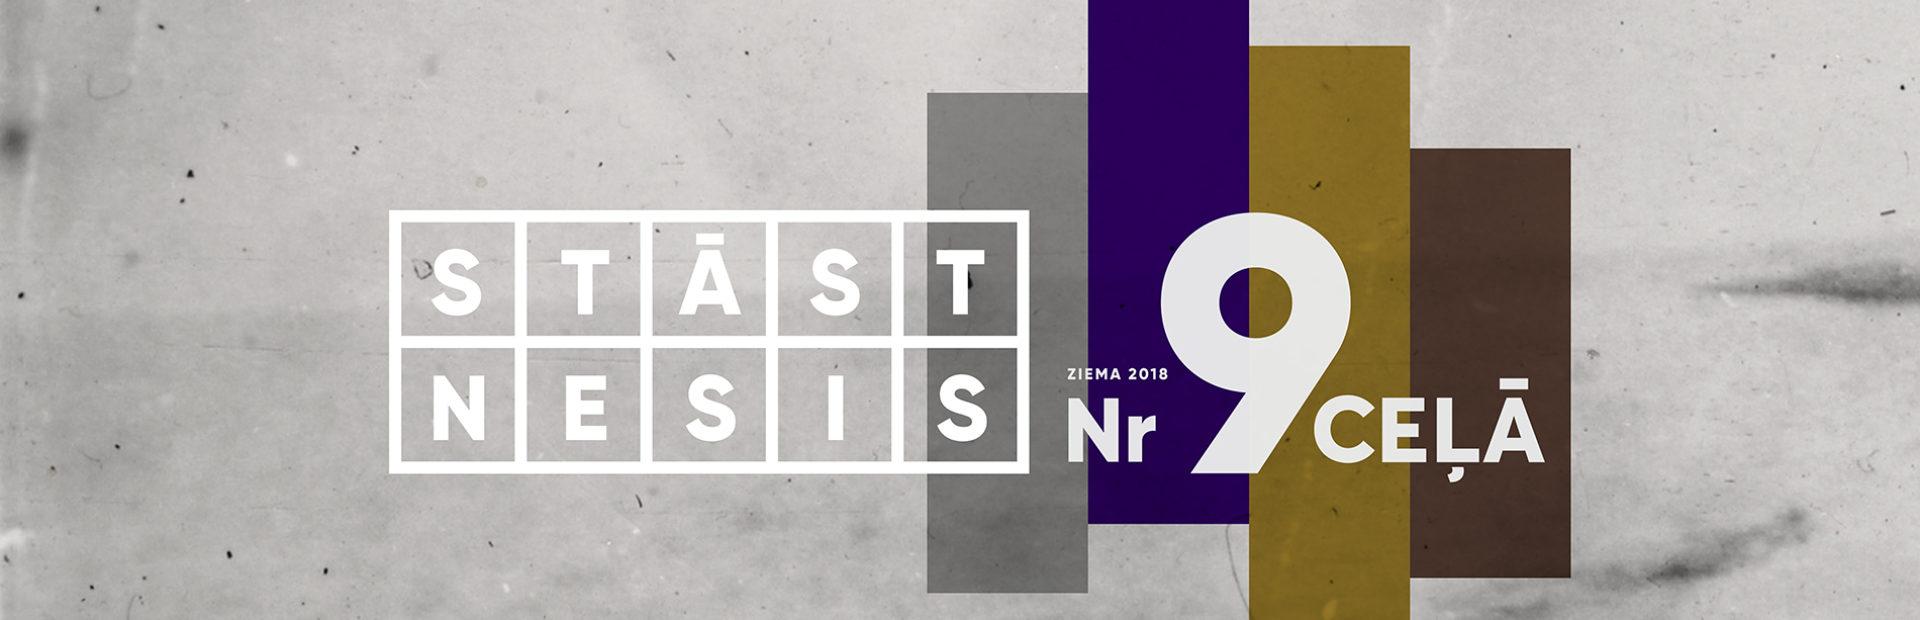 Stastnesis-9